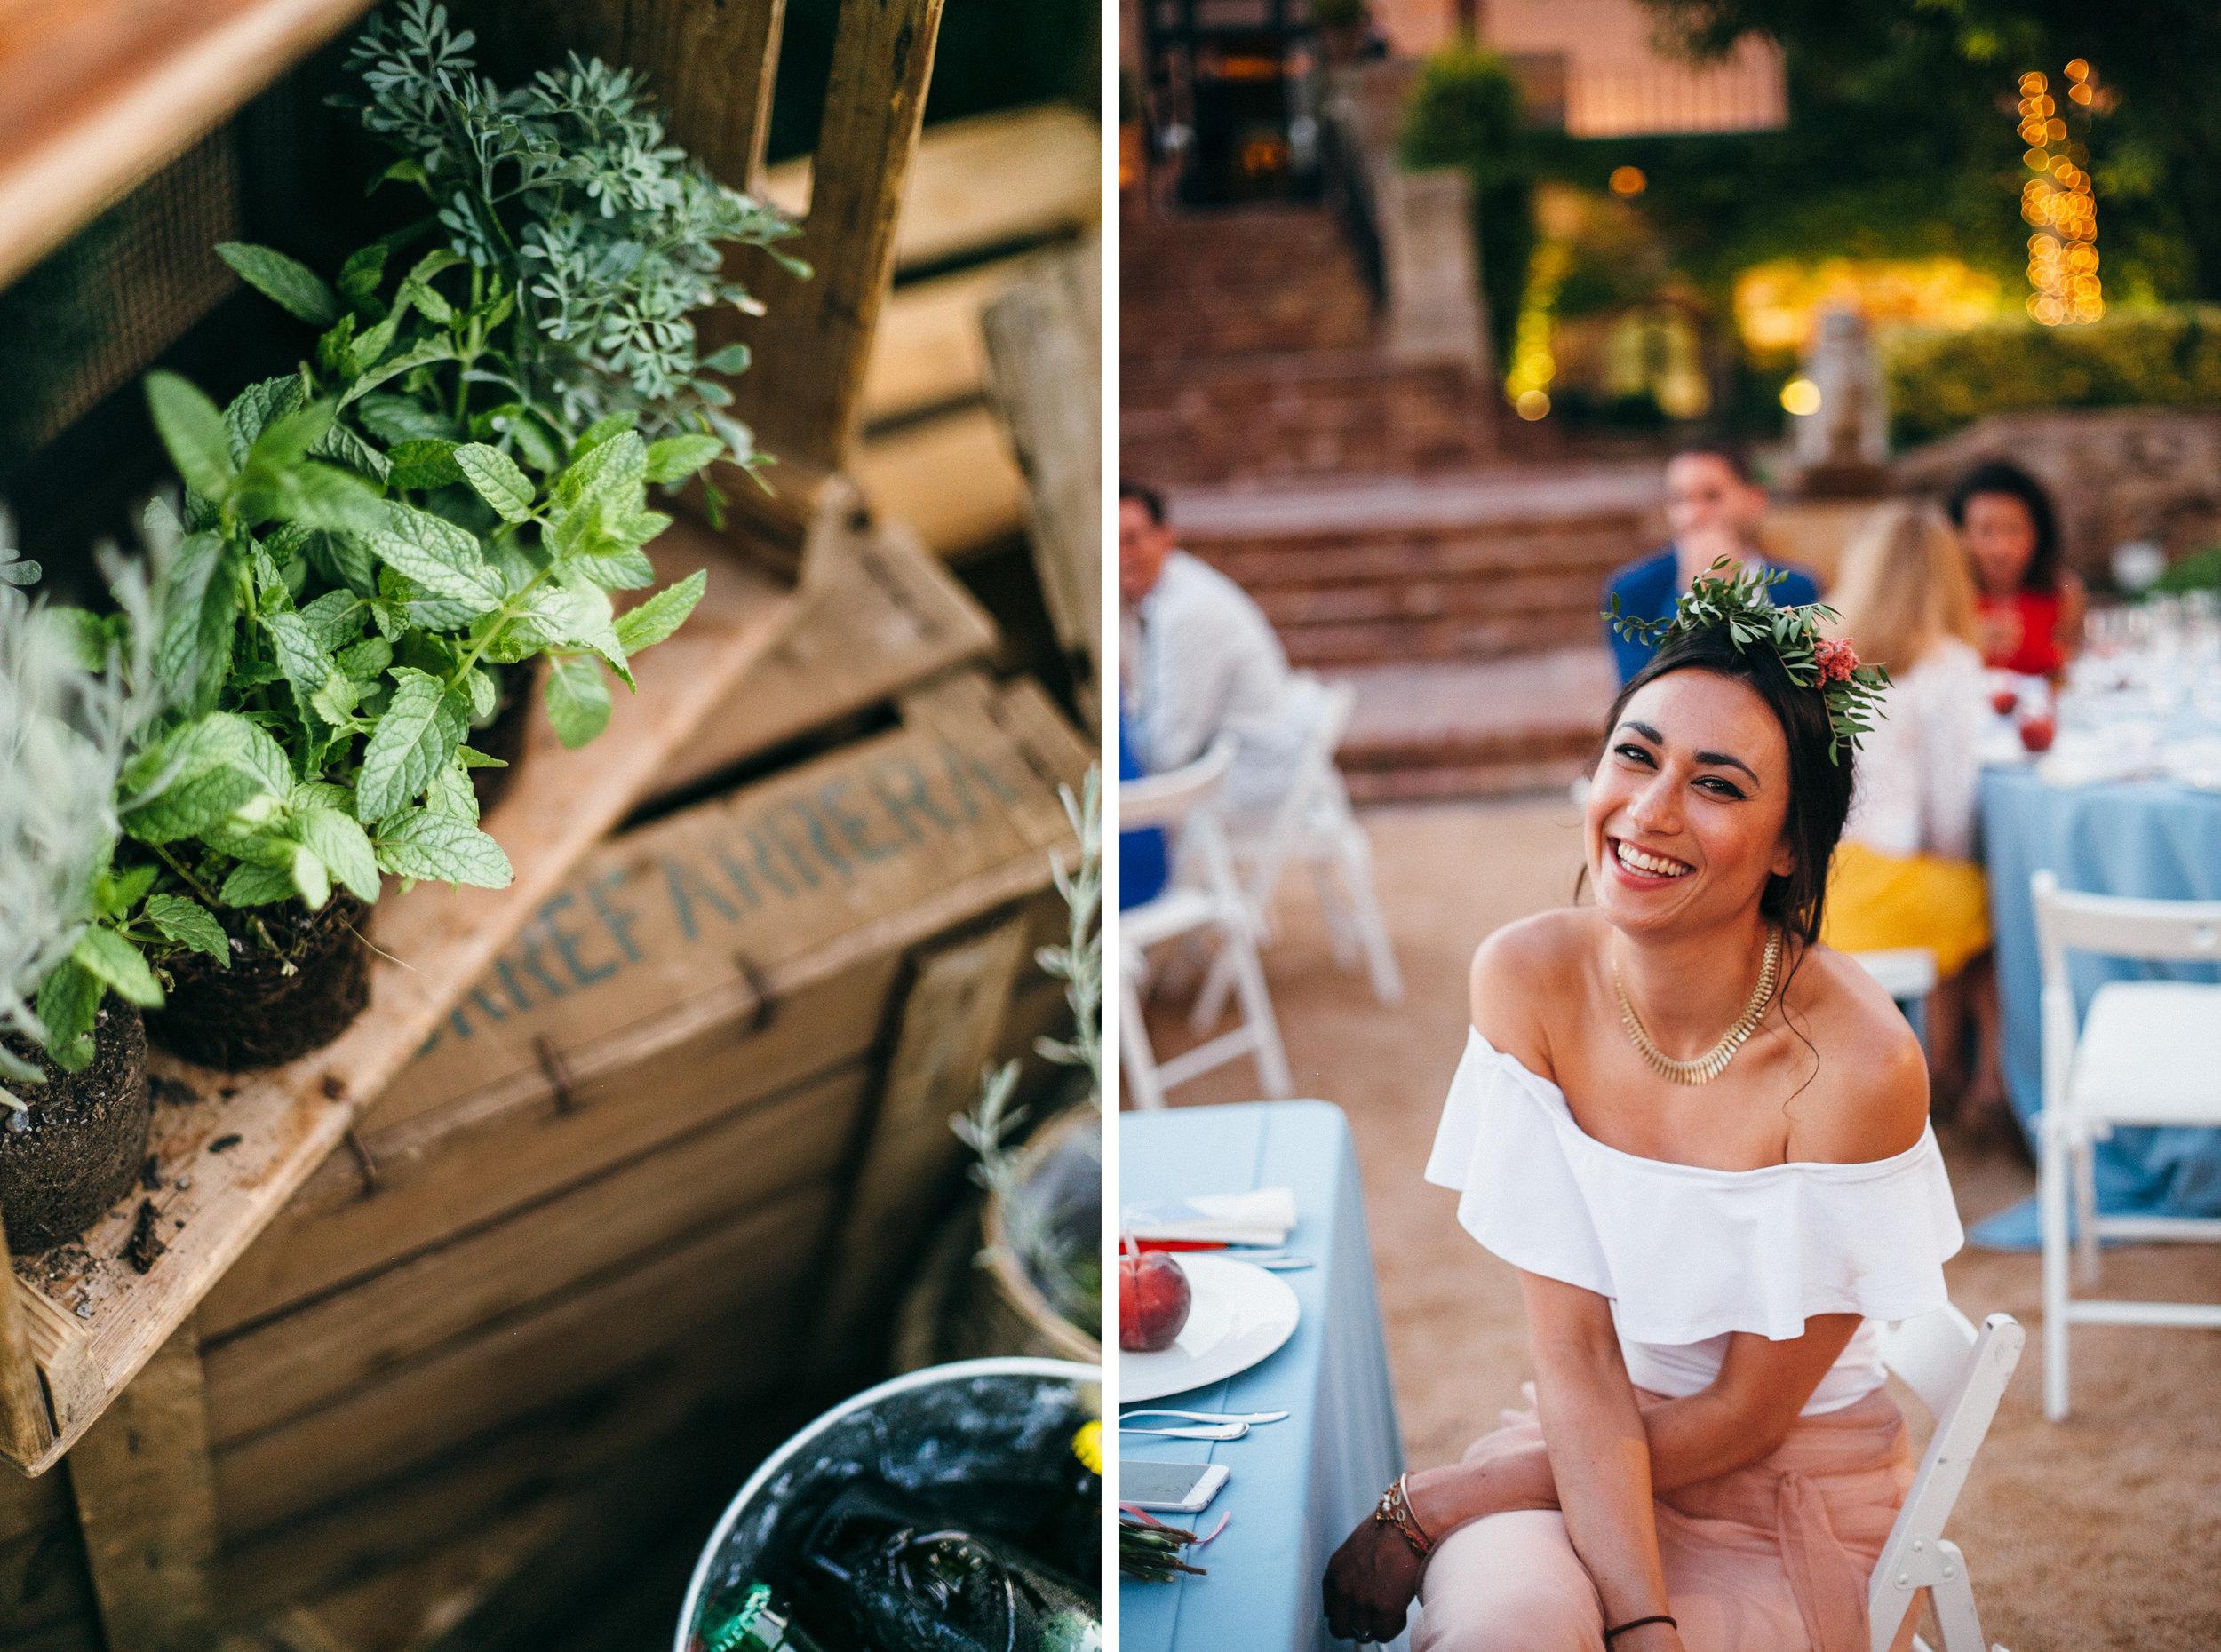 fotografos_boda_wedding_barcelona_valencia150copia.jpg